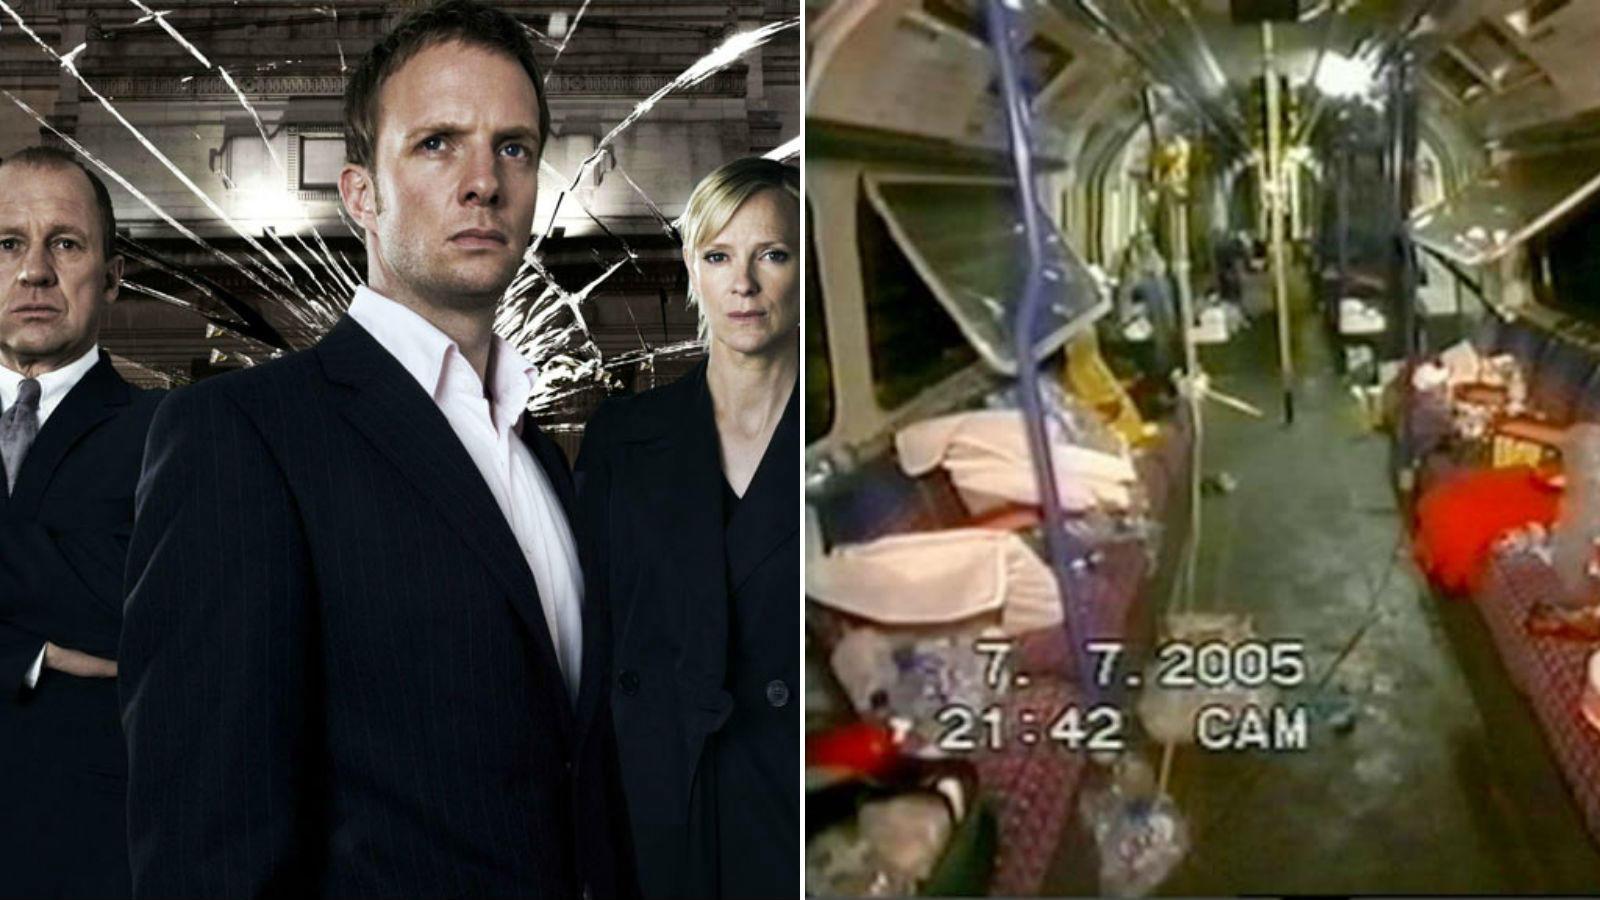 A 4. évad első részét hónapokkal a 2005-ös londoni bombarobbantások előtt forgatták. A forgatókönyv igencsak hasonló volt mindkét esetben, olyannyira, hogy még helyszínek is egyeztek, például, hogy bombát helyeznek el a Kings Cross állomáson... (BBC/ metro.co.uk)